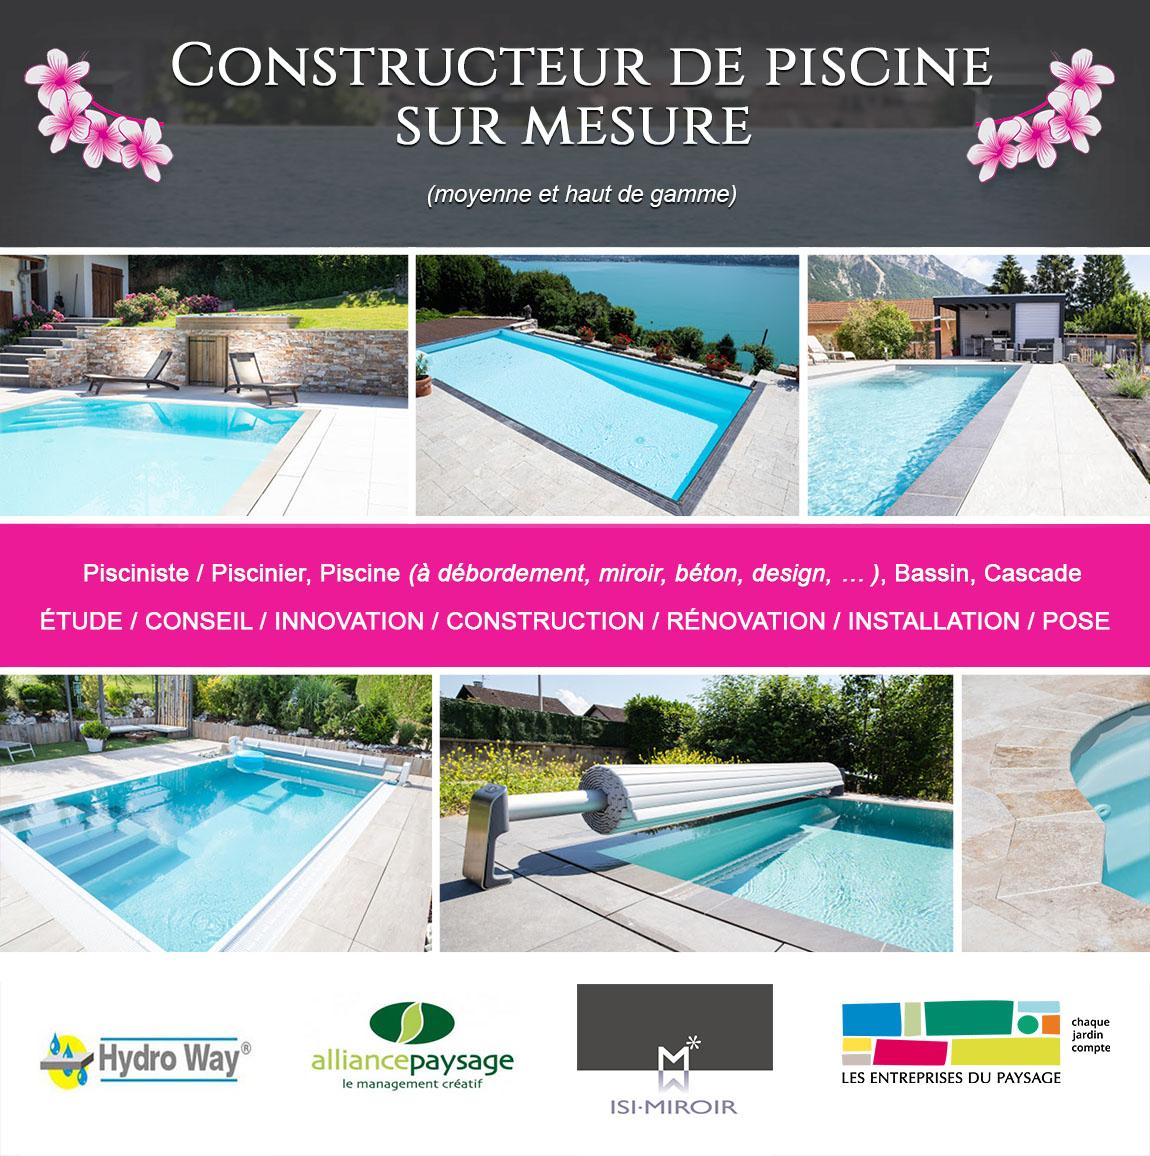 Construction De Piscine Haut De Gamme A Bonneville ... concernant Piscine De Bonneville